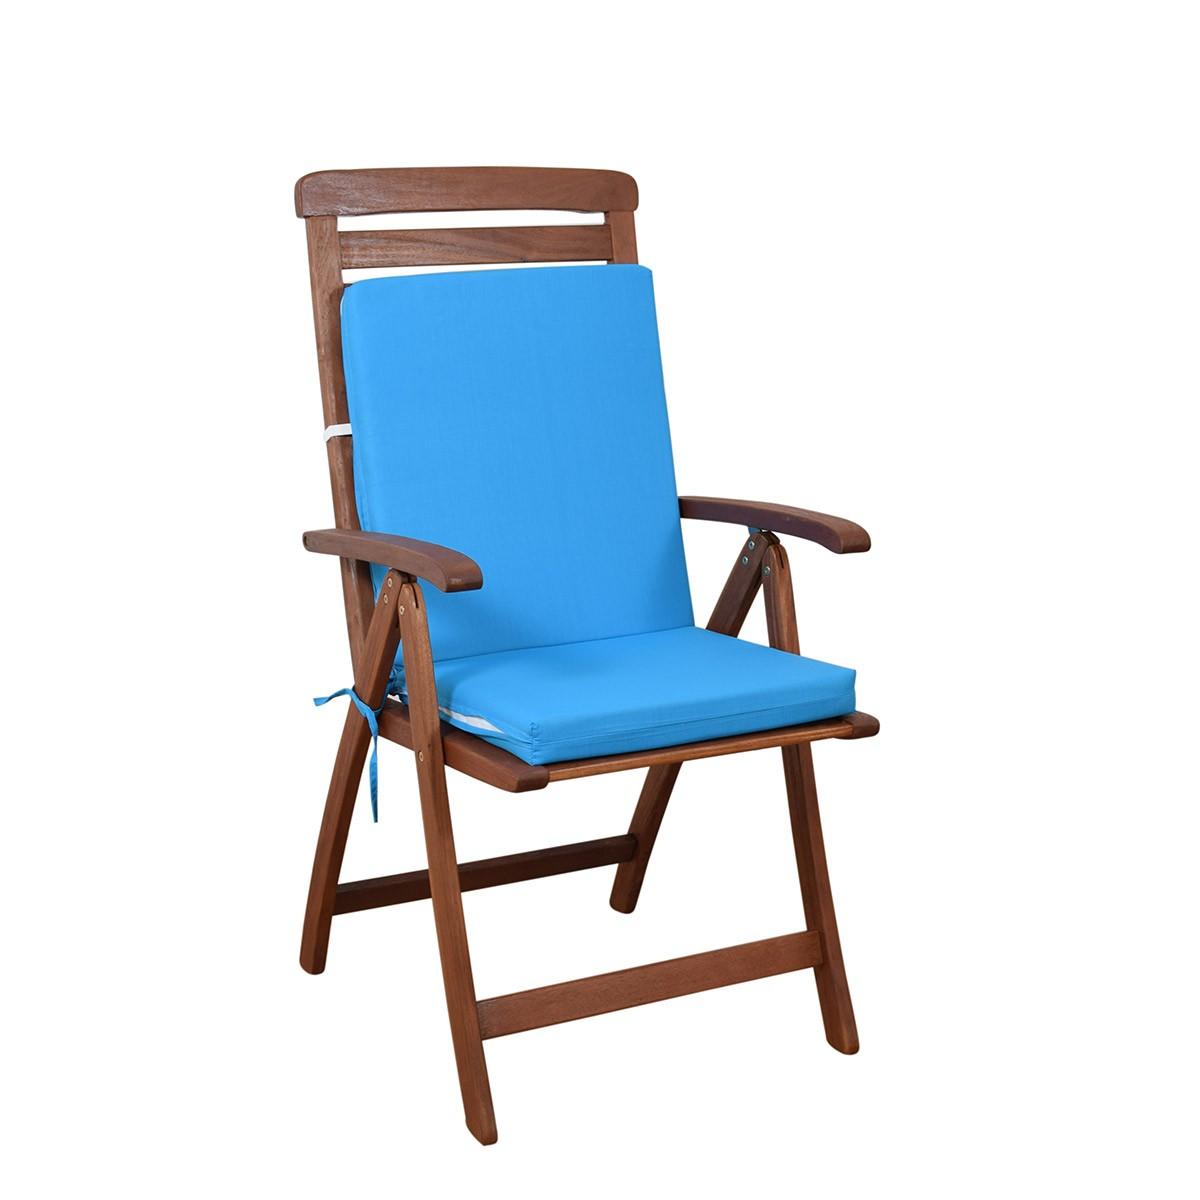 Μαξιλάρι Καρέκλας Πλάτη/Φερμουάρ Fratoni Solid Turquoise home   κουζίνα   τραπεζαρία   μαξιλάρια καρέκλας